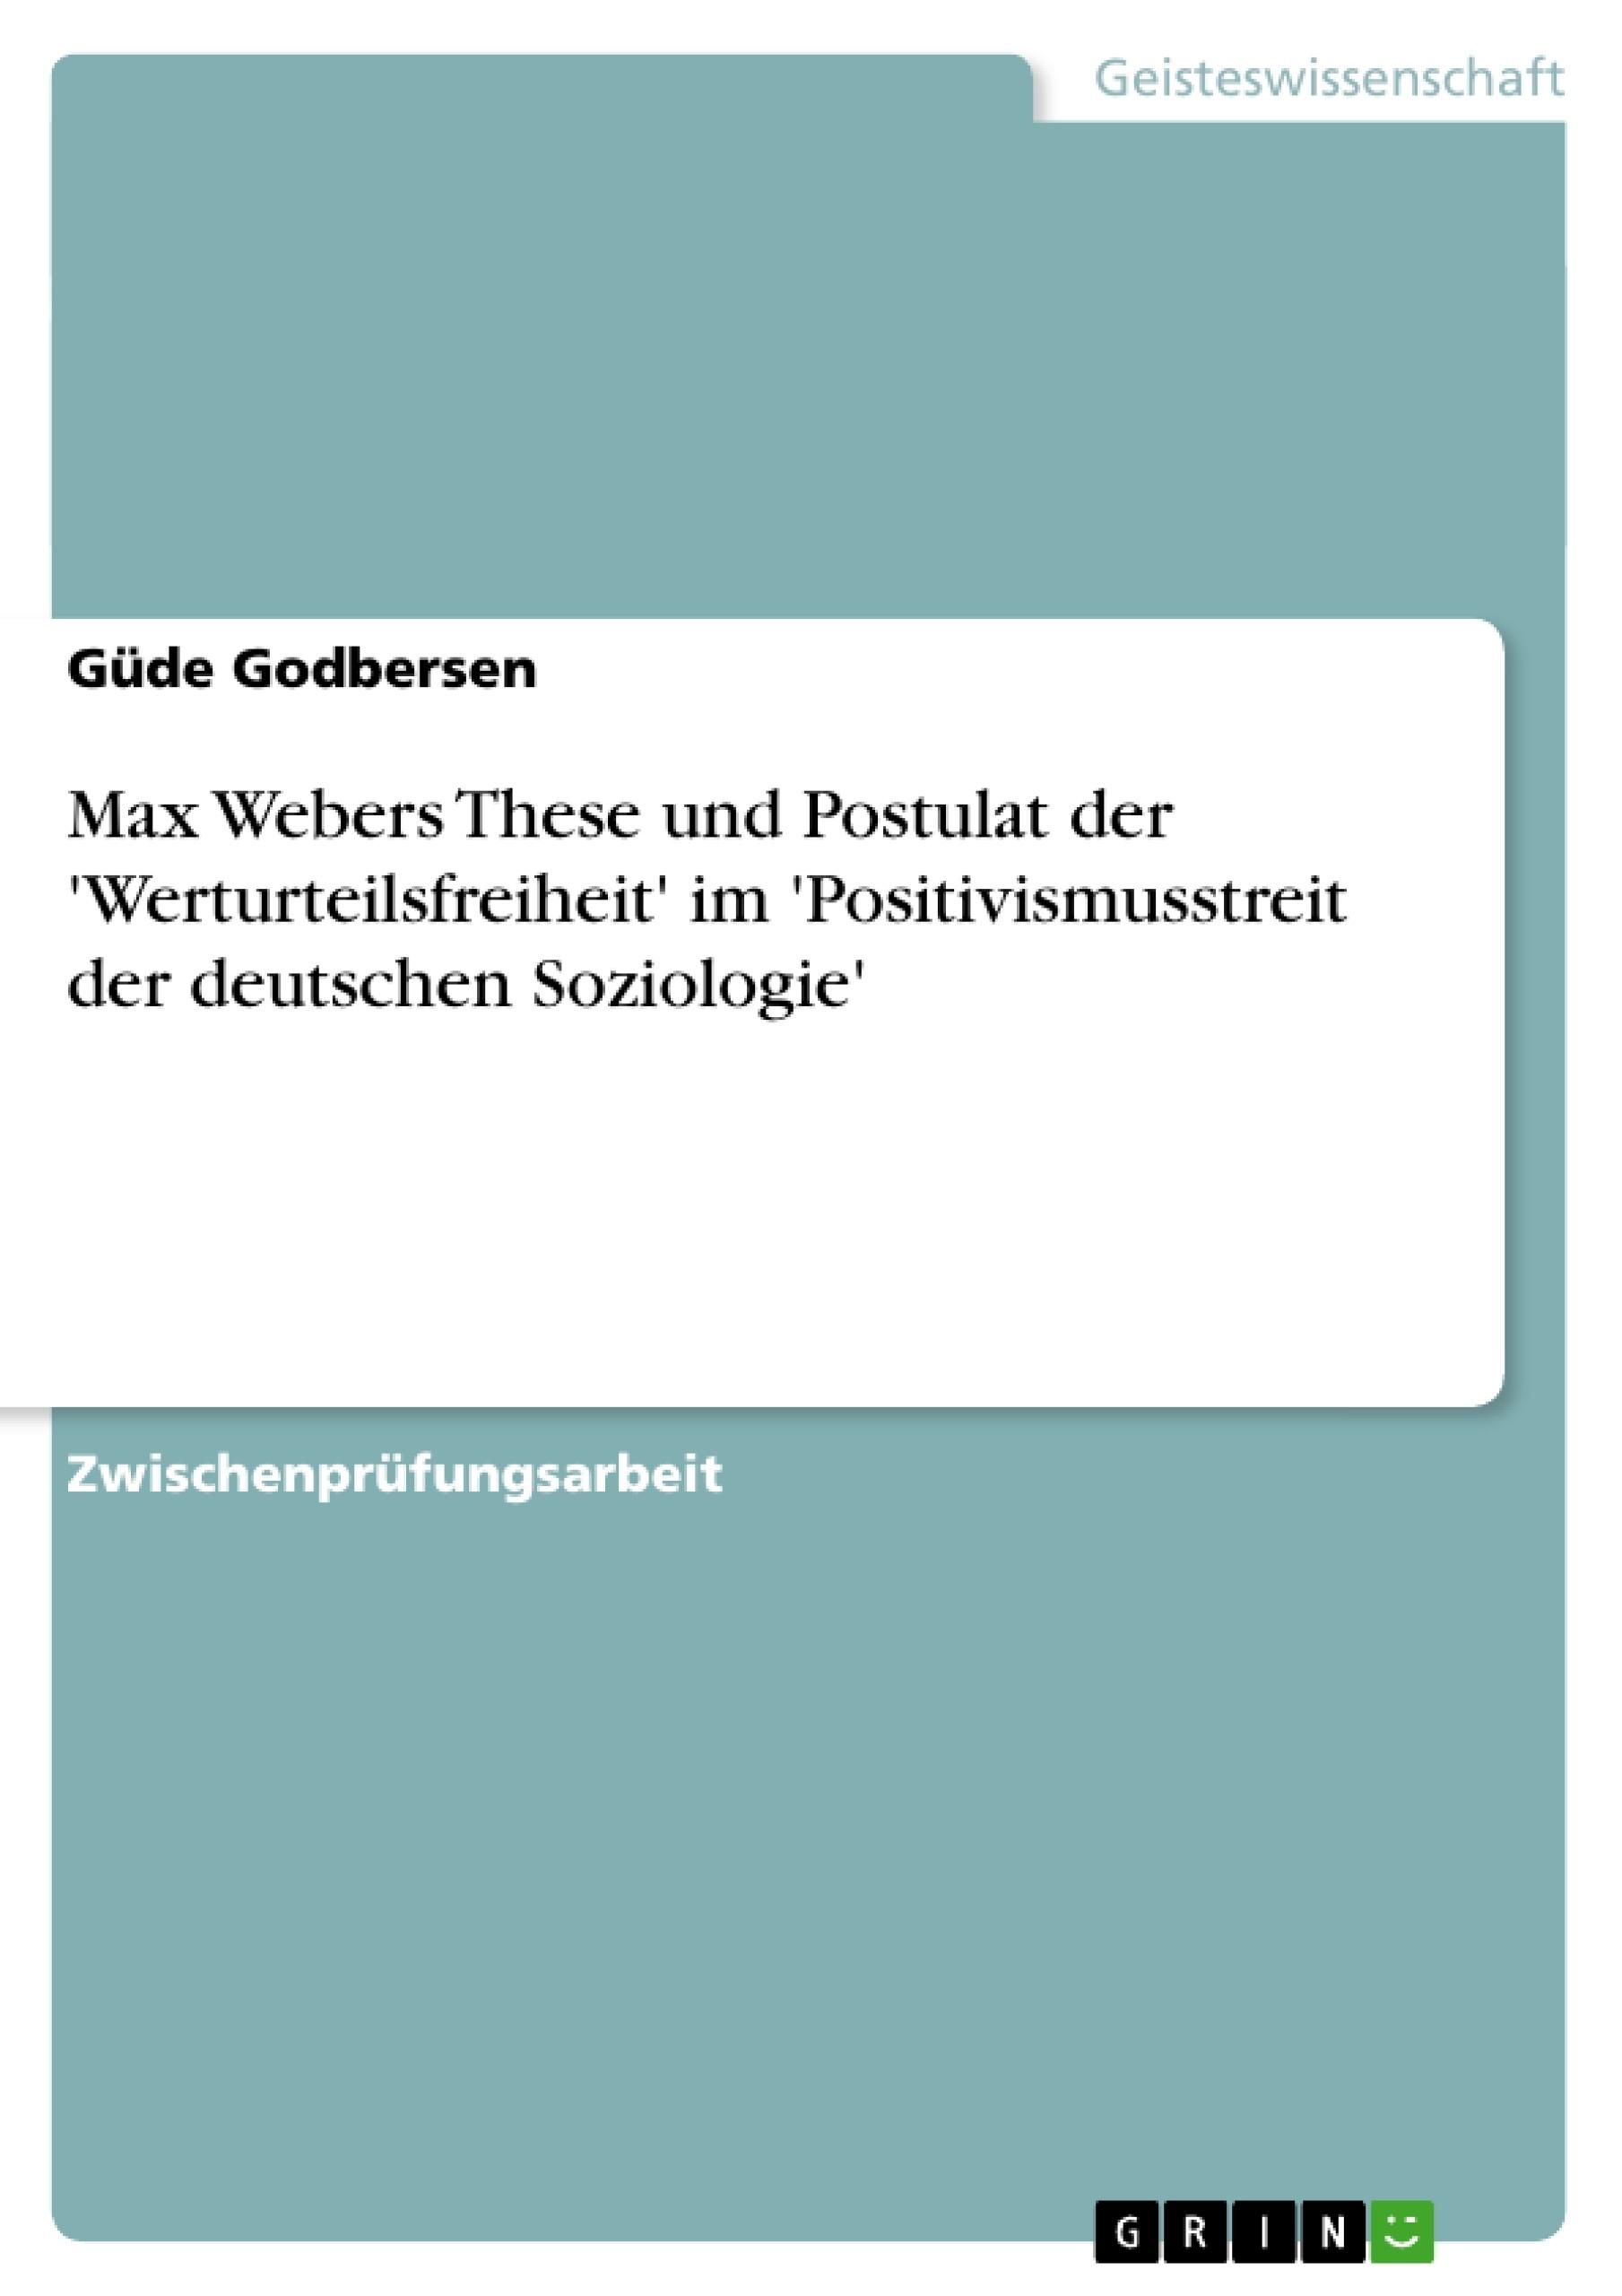 Titel: Max Webers These und Postulat der 'Werturteilsfreiheit' im 'Positivismusstreit der deutschen Soziologie'